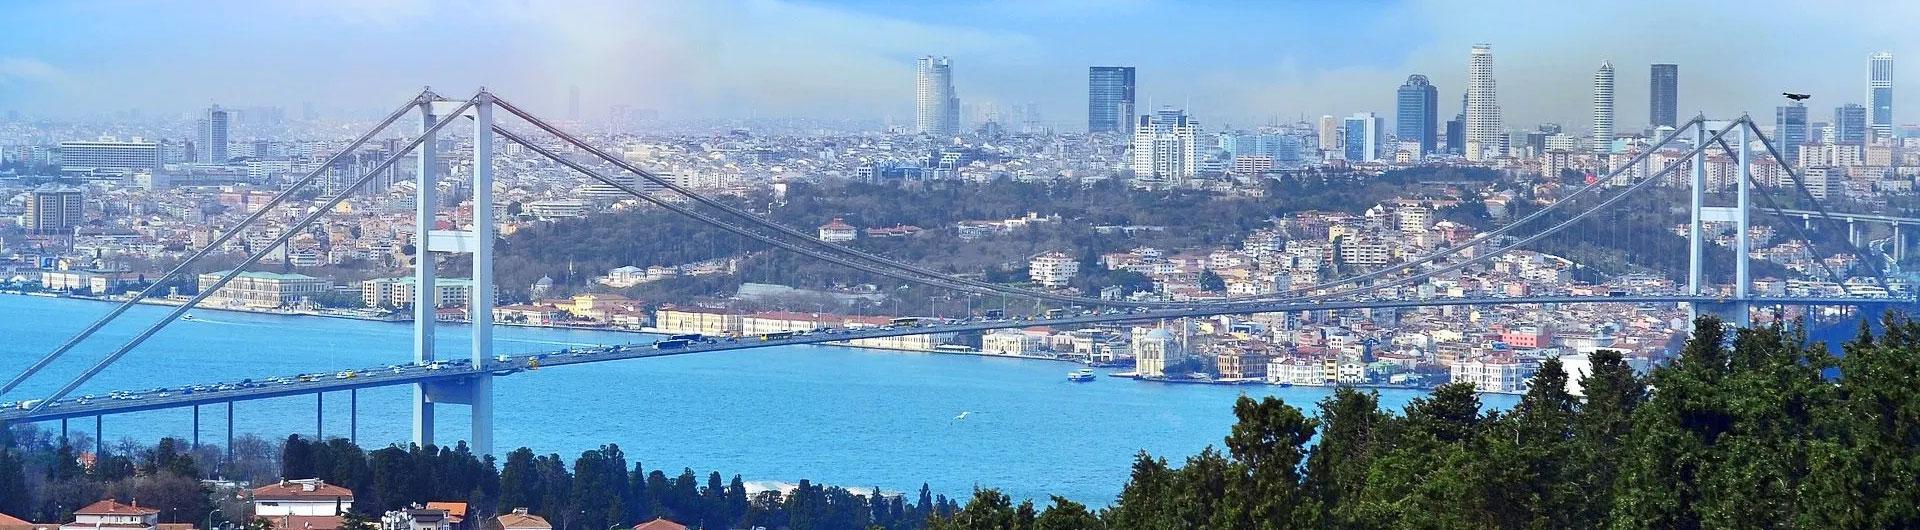 اسطنبول بوسفور